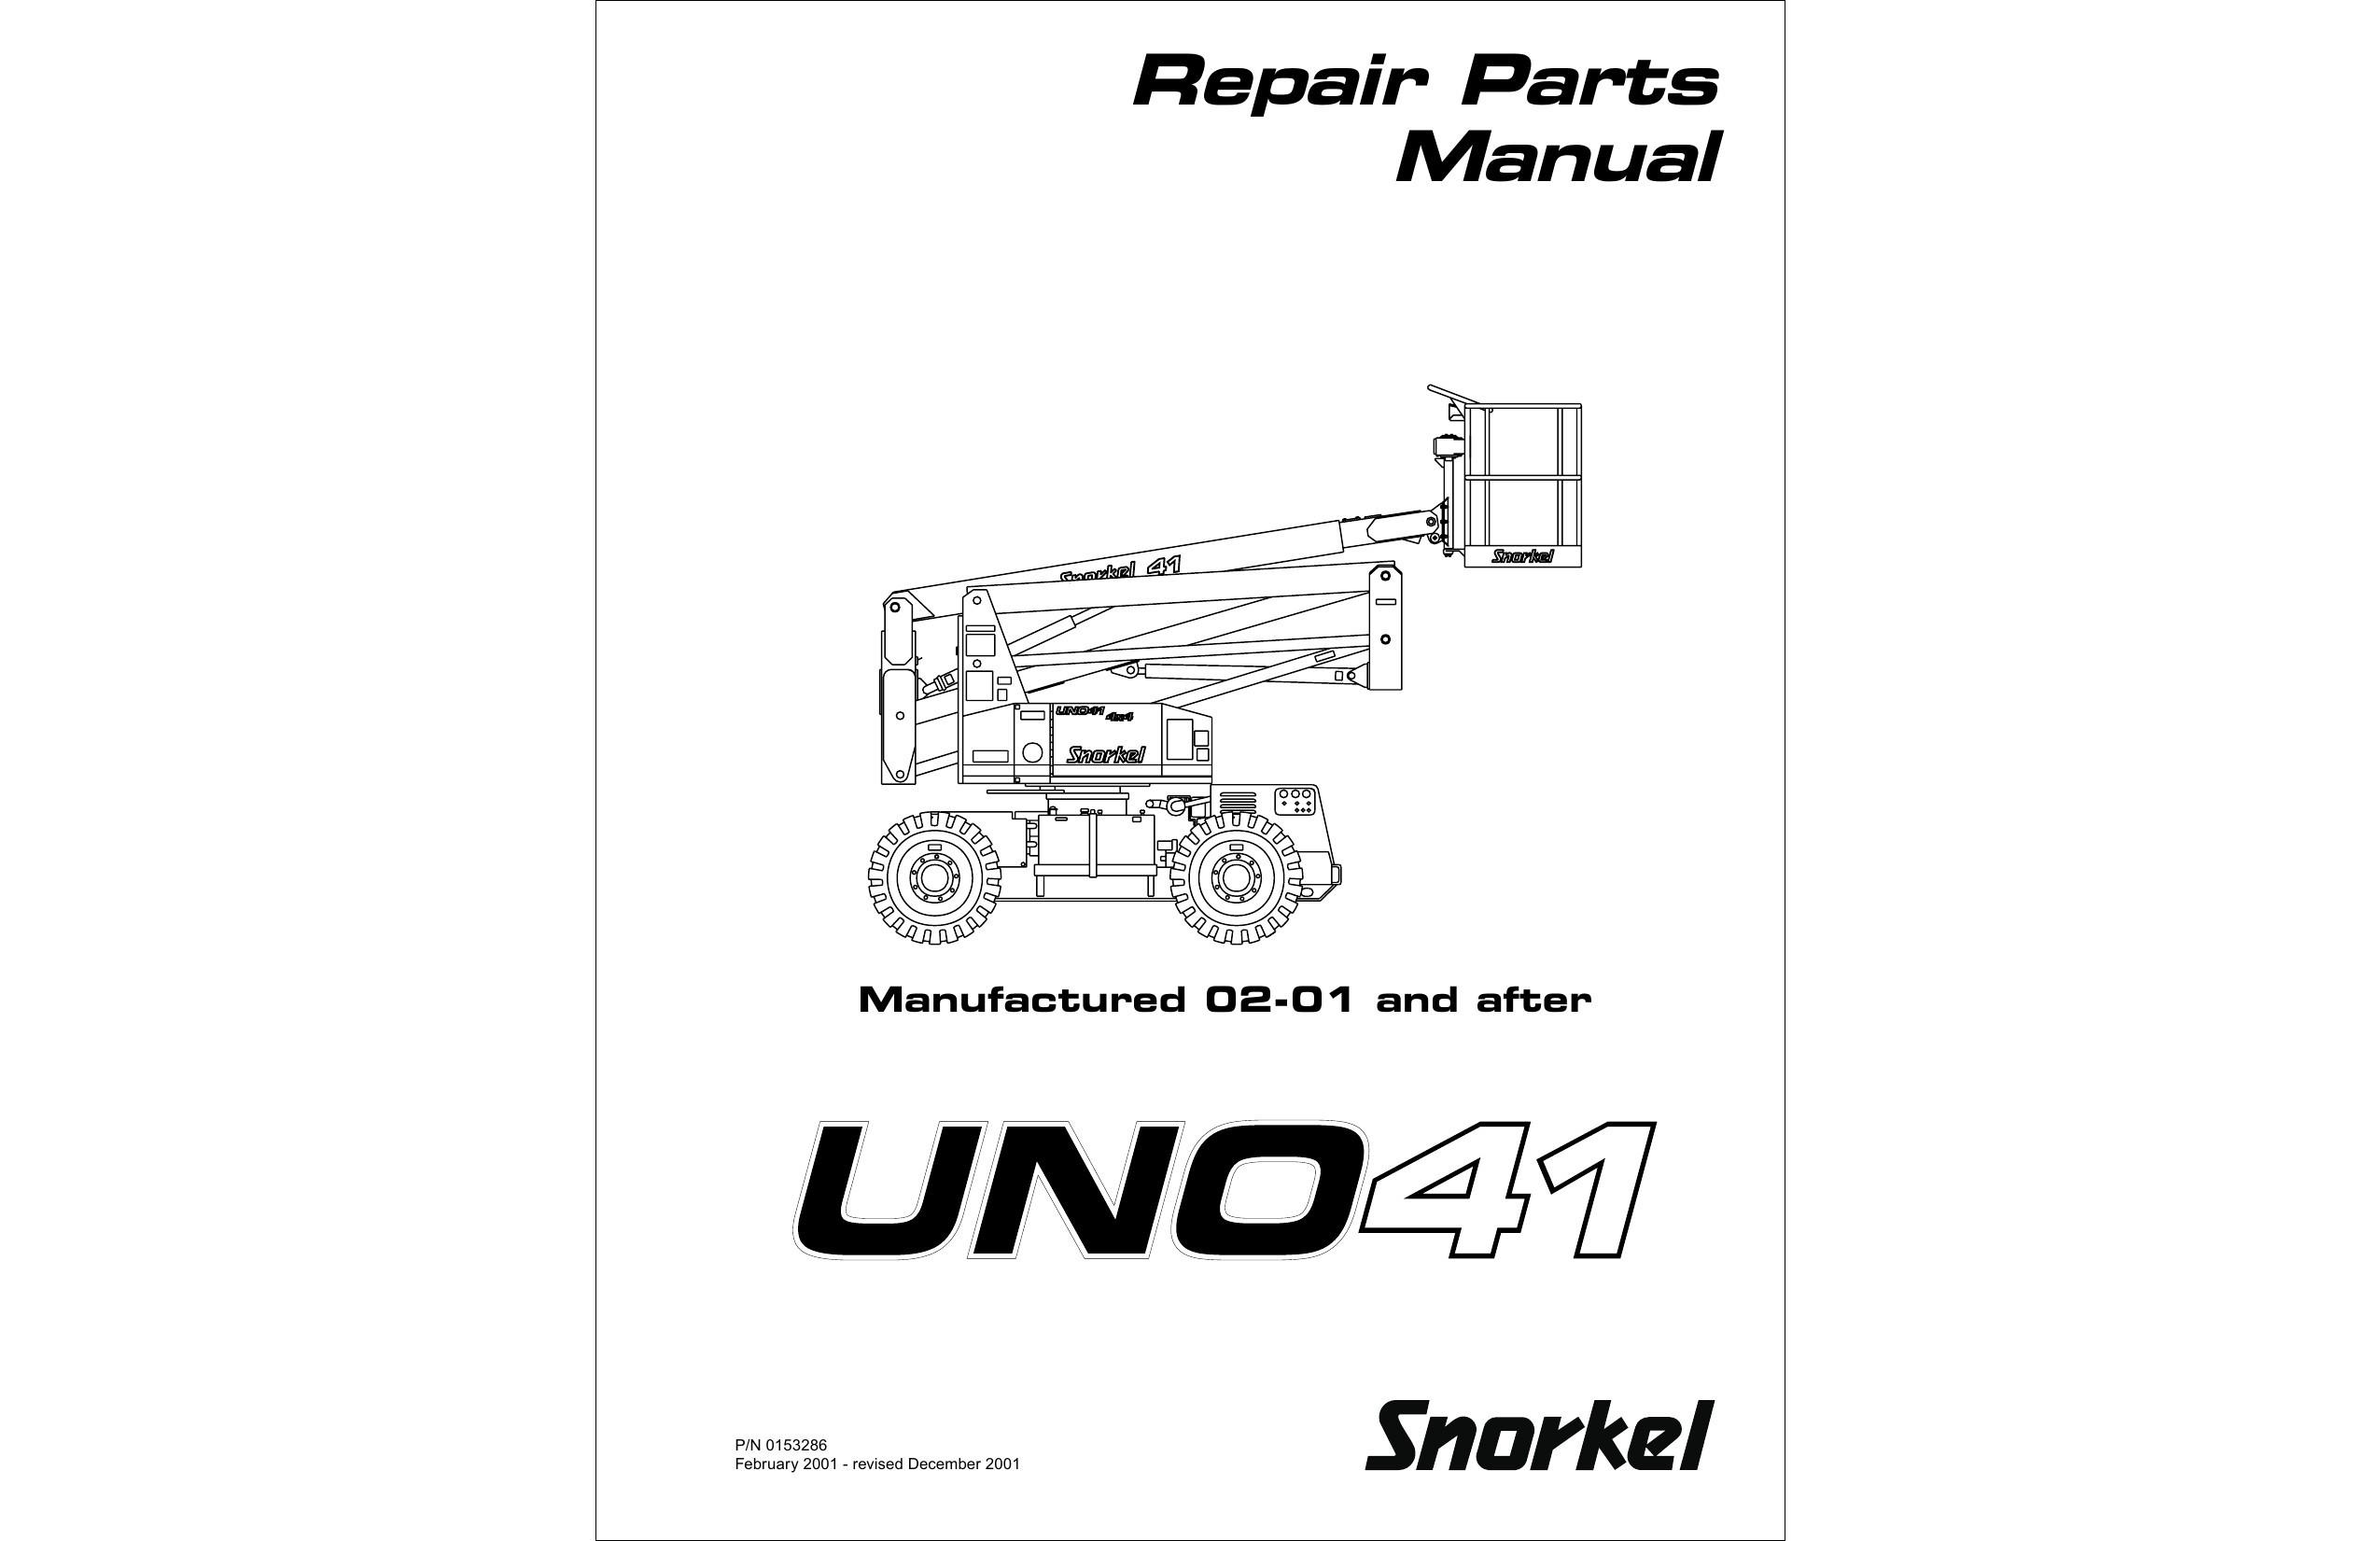 Uno-41gwiring Schematic for Snorkel Lift Snorkel Tb80 Wirreing Diagram Of Uno-41gwiring Schematic for Snorkel Lift